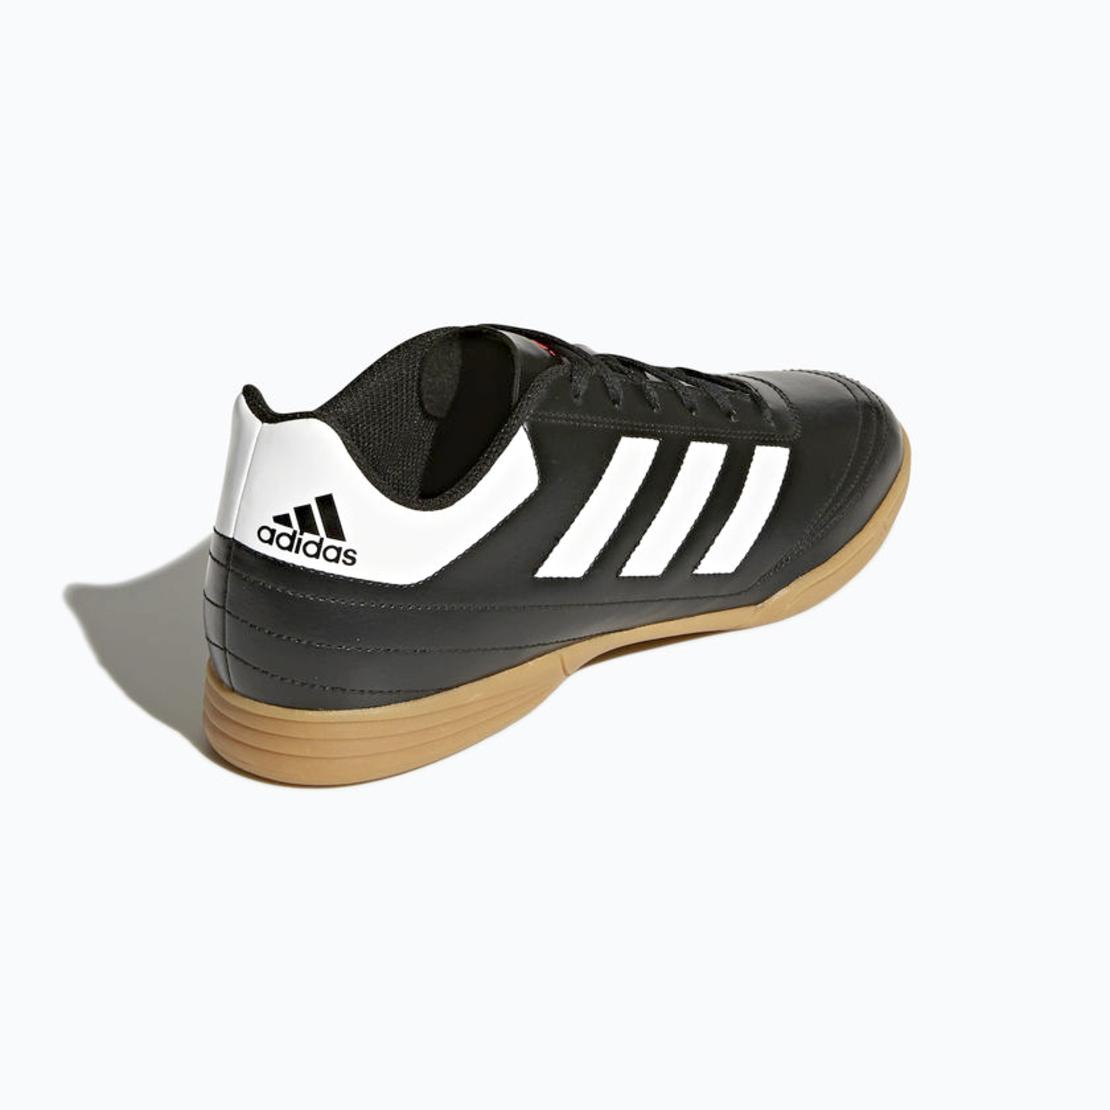 נעלי קטרגל Adidas Goletto Vi In Men Aq4289 קט רגל סוליה דבש